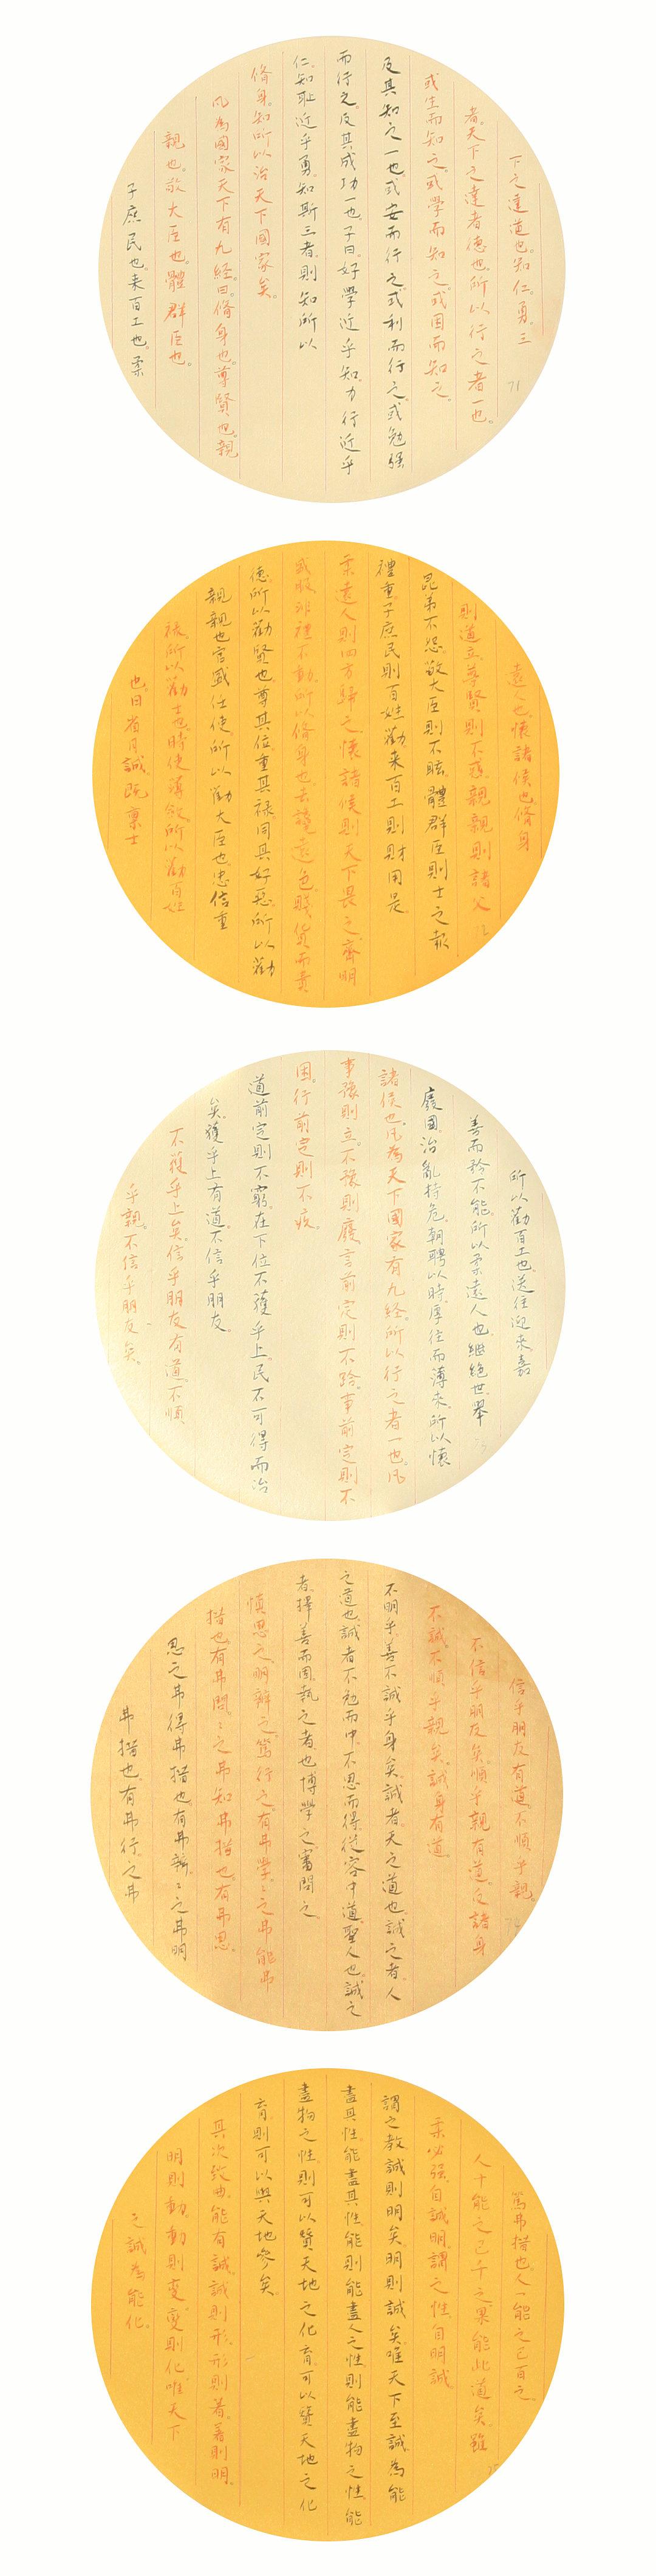 《国学经典抄·中庸 03》纸本墨笔 小楷 竖幅 2017年